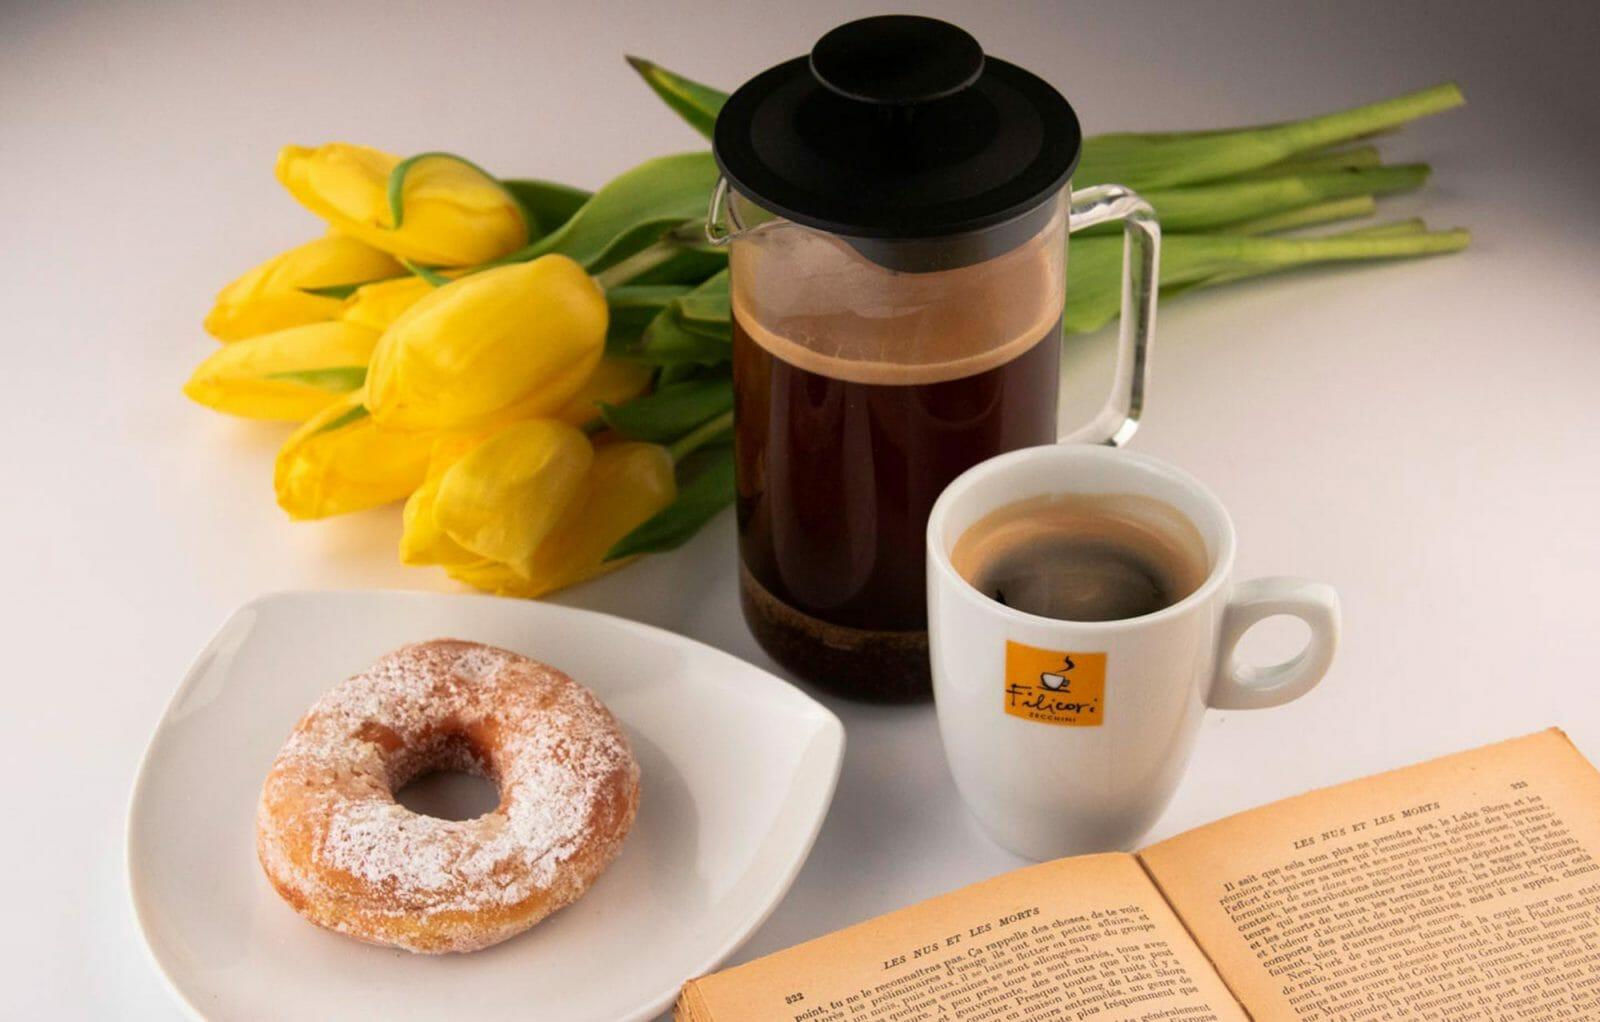 piston jug coffee